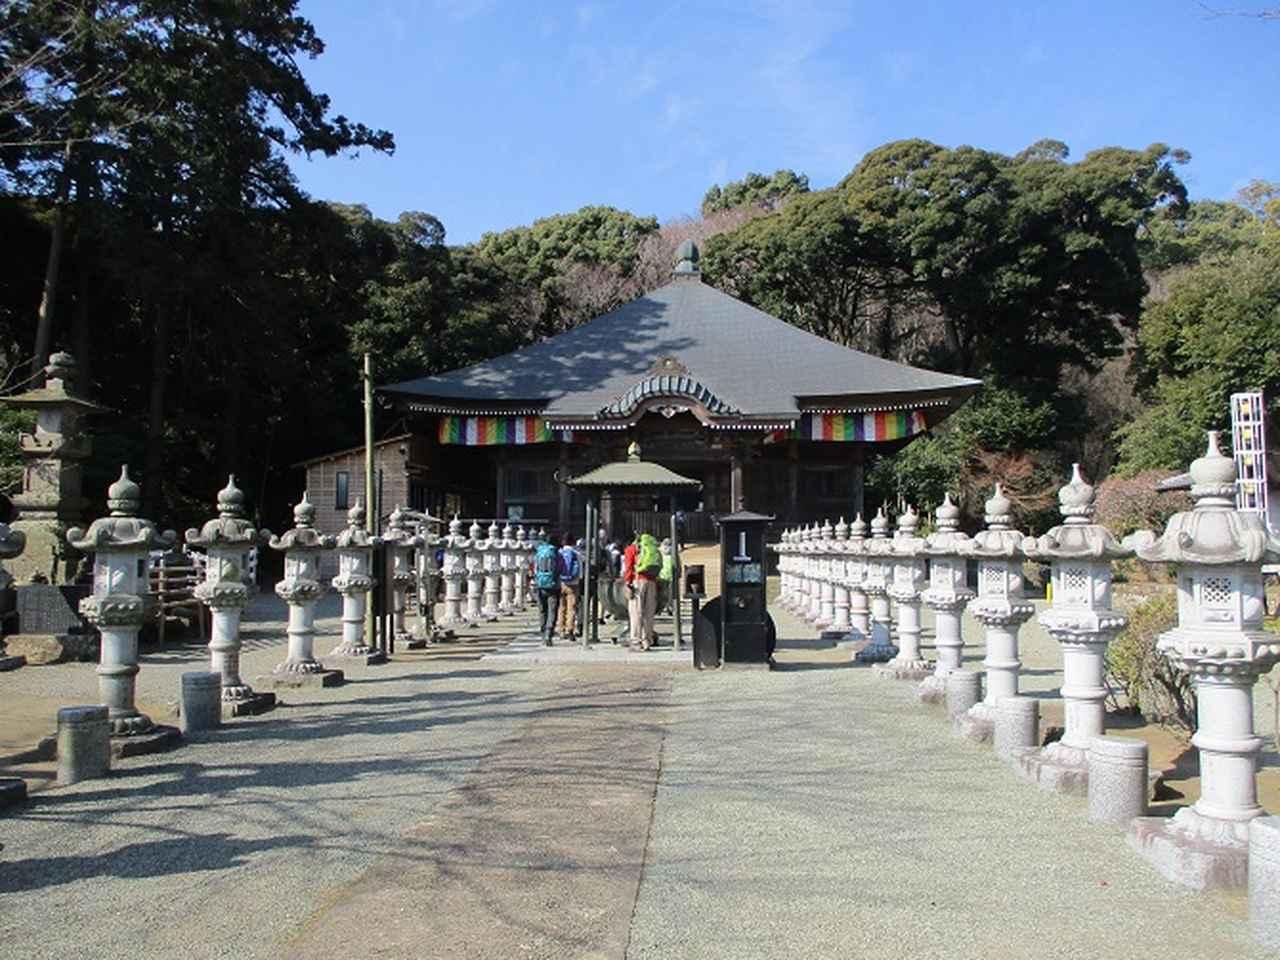 画像2: 2月18日に山旅会 「丹沢白山」 ツアーに行ってきました!